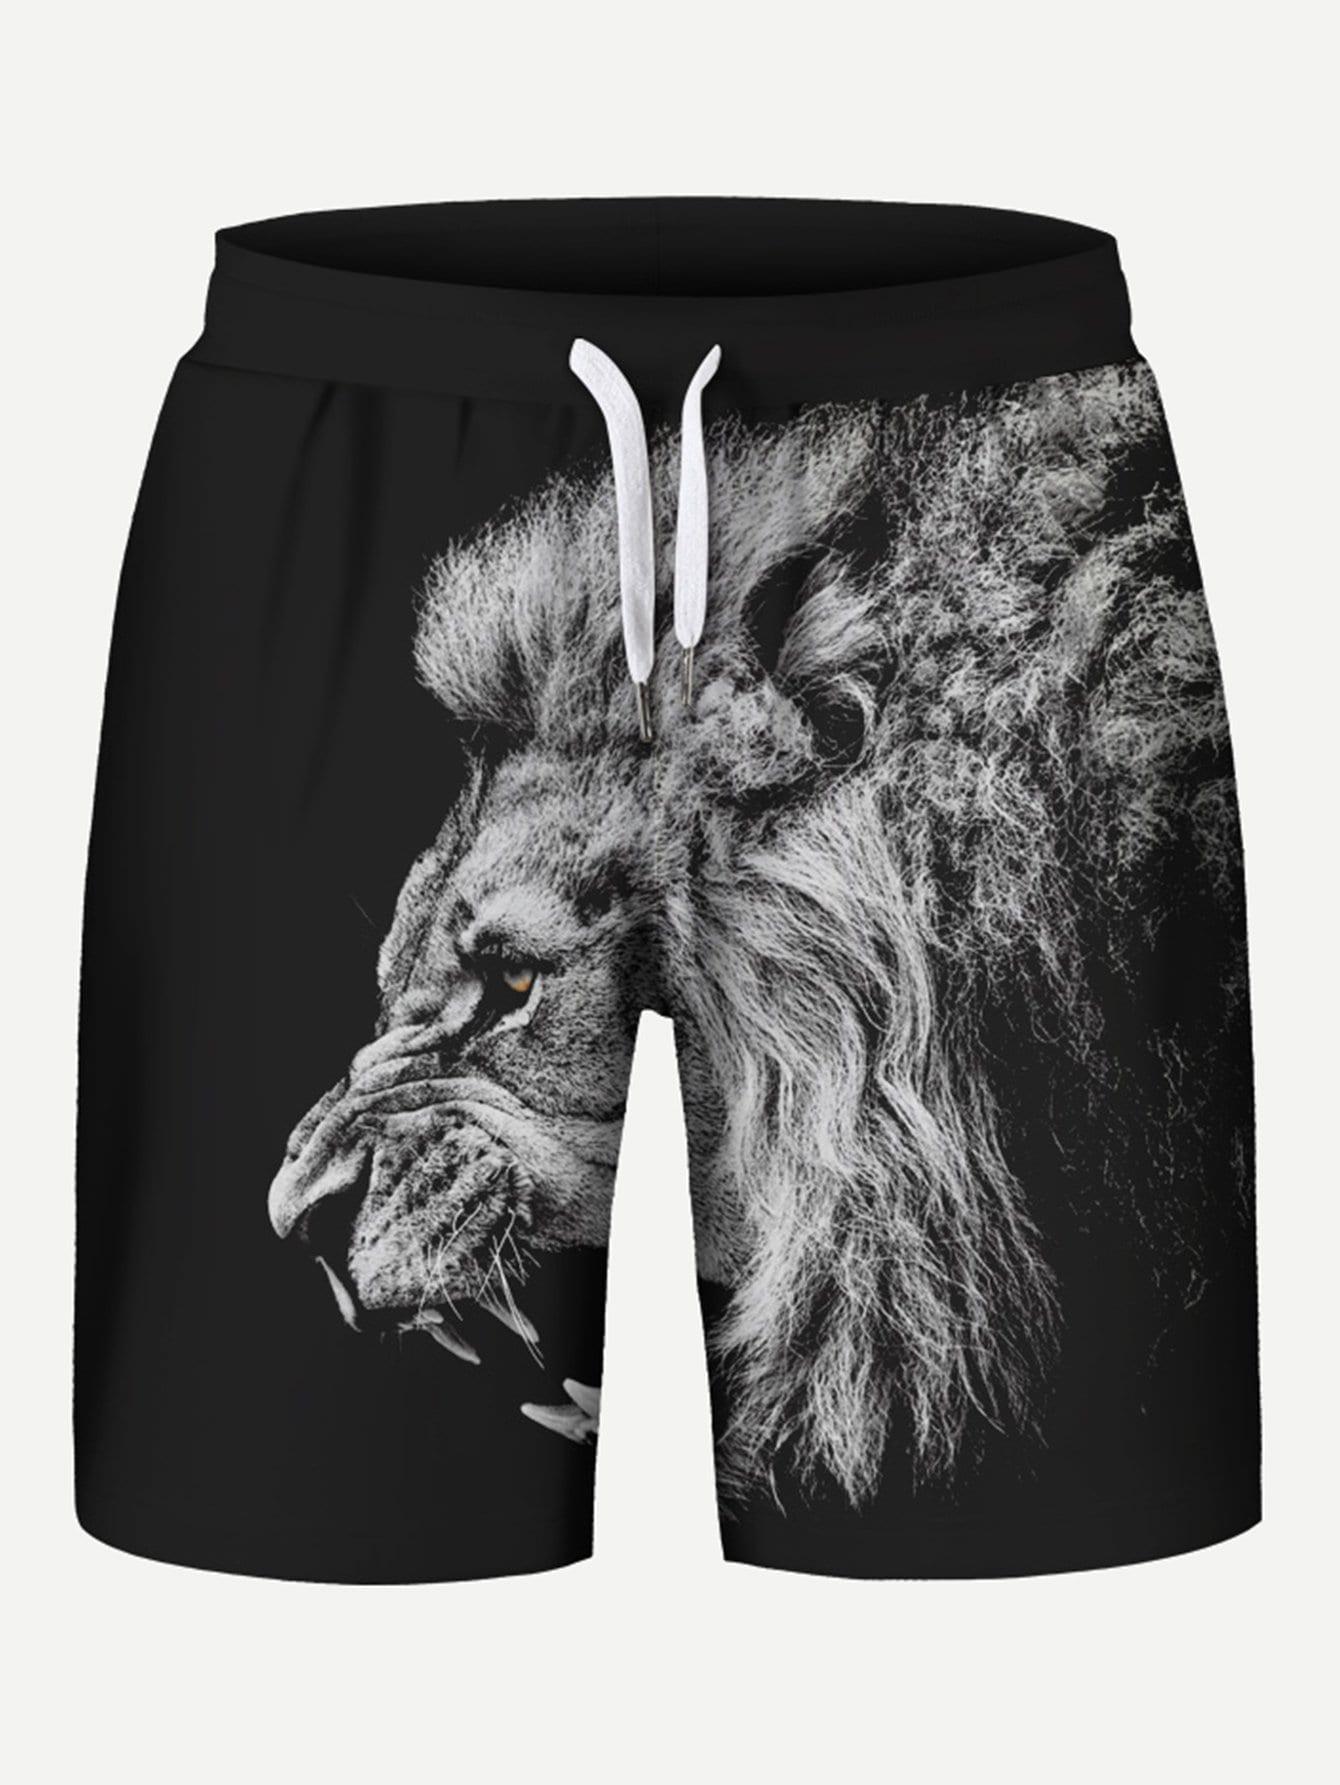 Купить Шорты с принтом лев для мужчин, null, SheIn